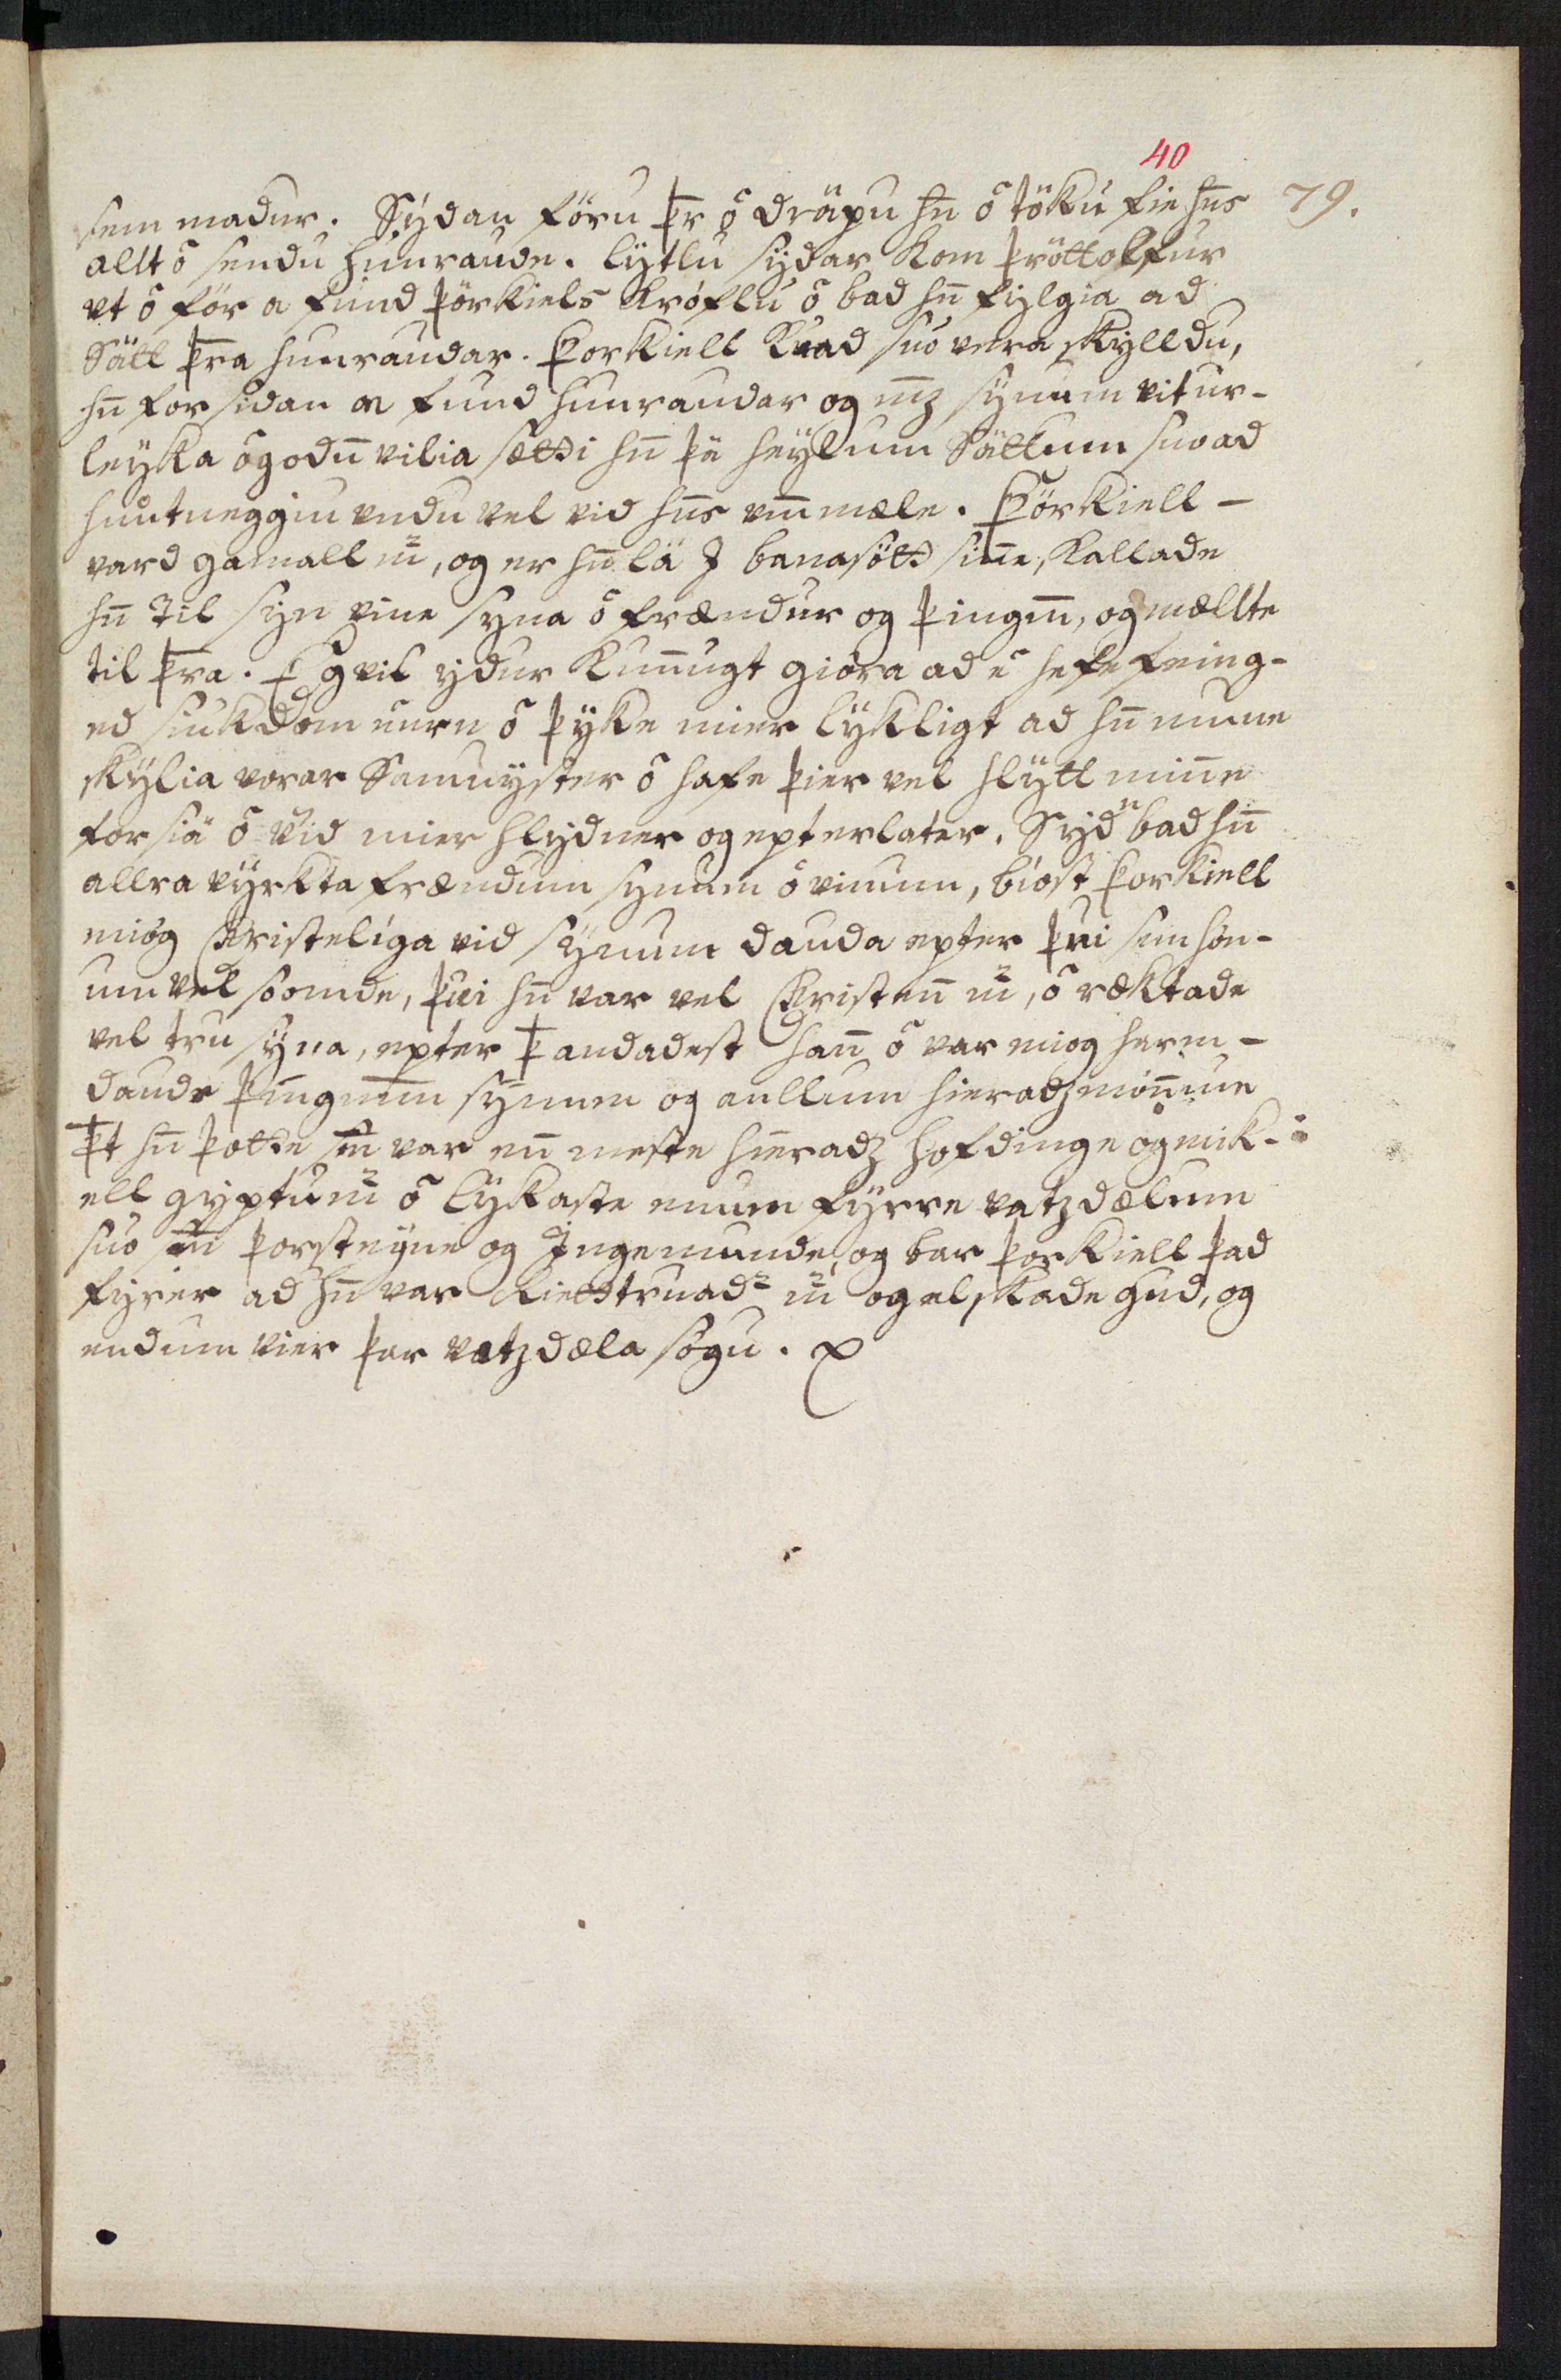 AM 138 fol - 40r